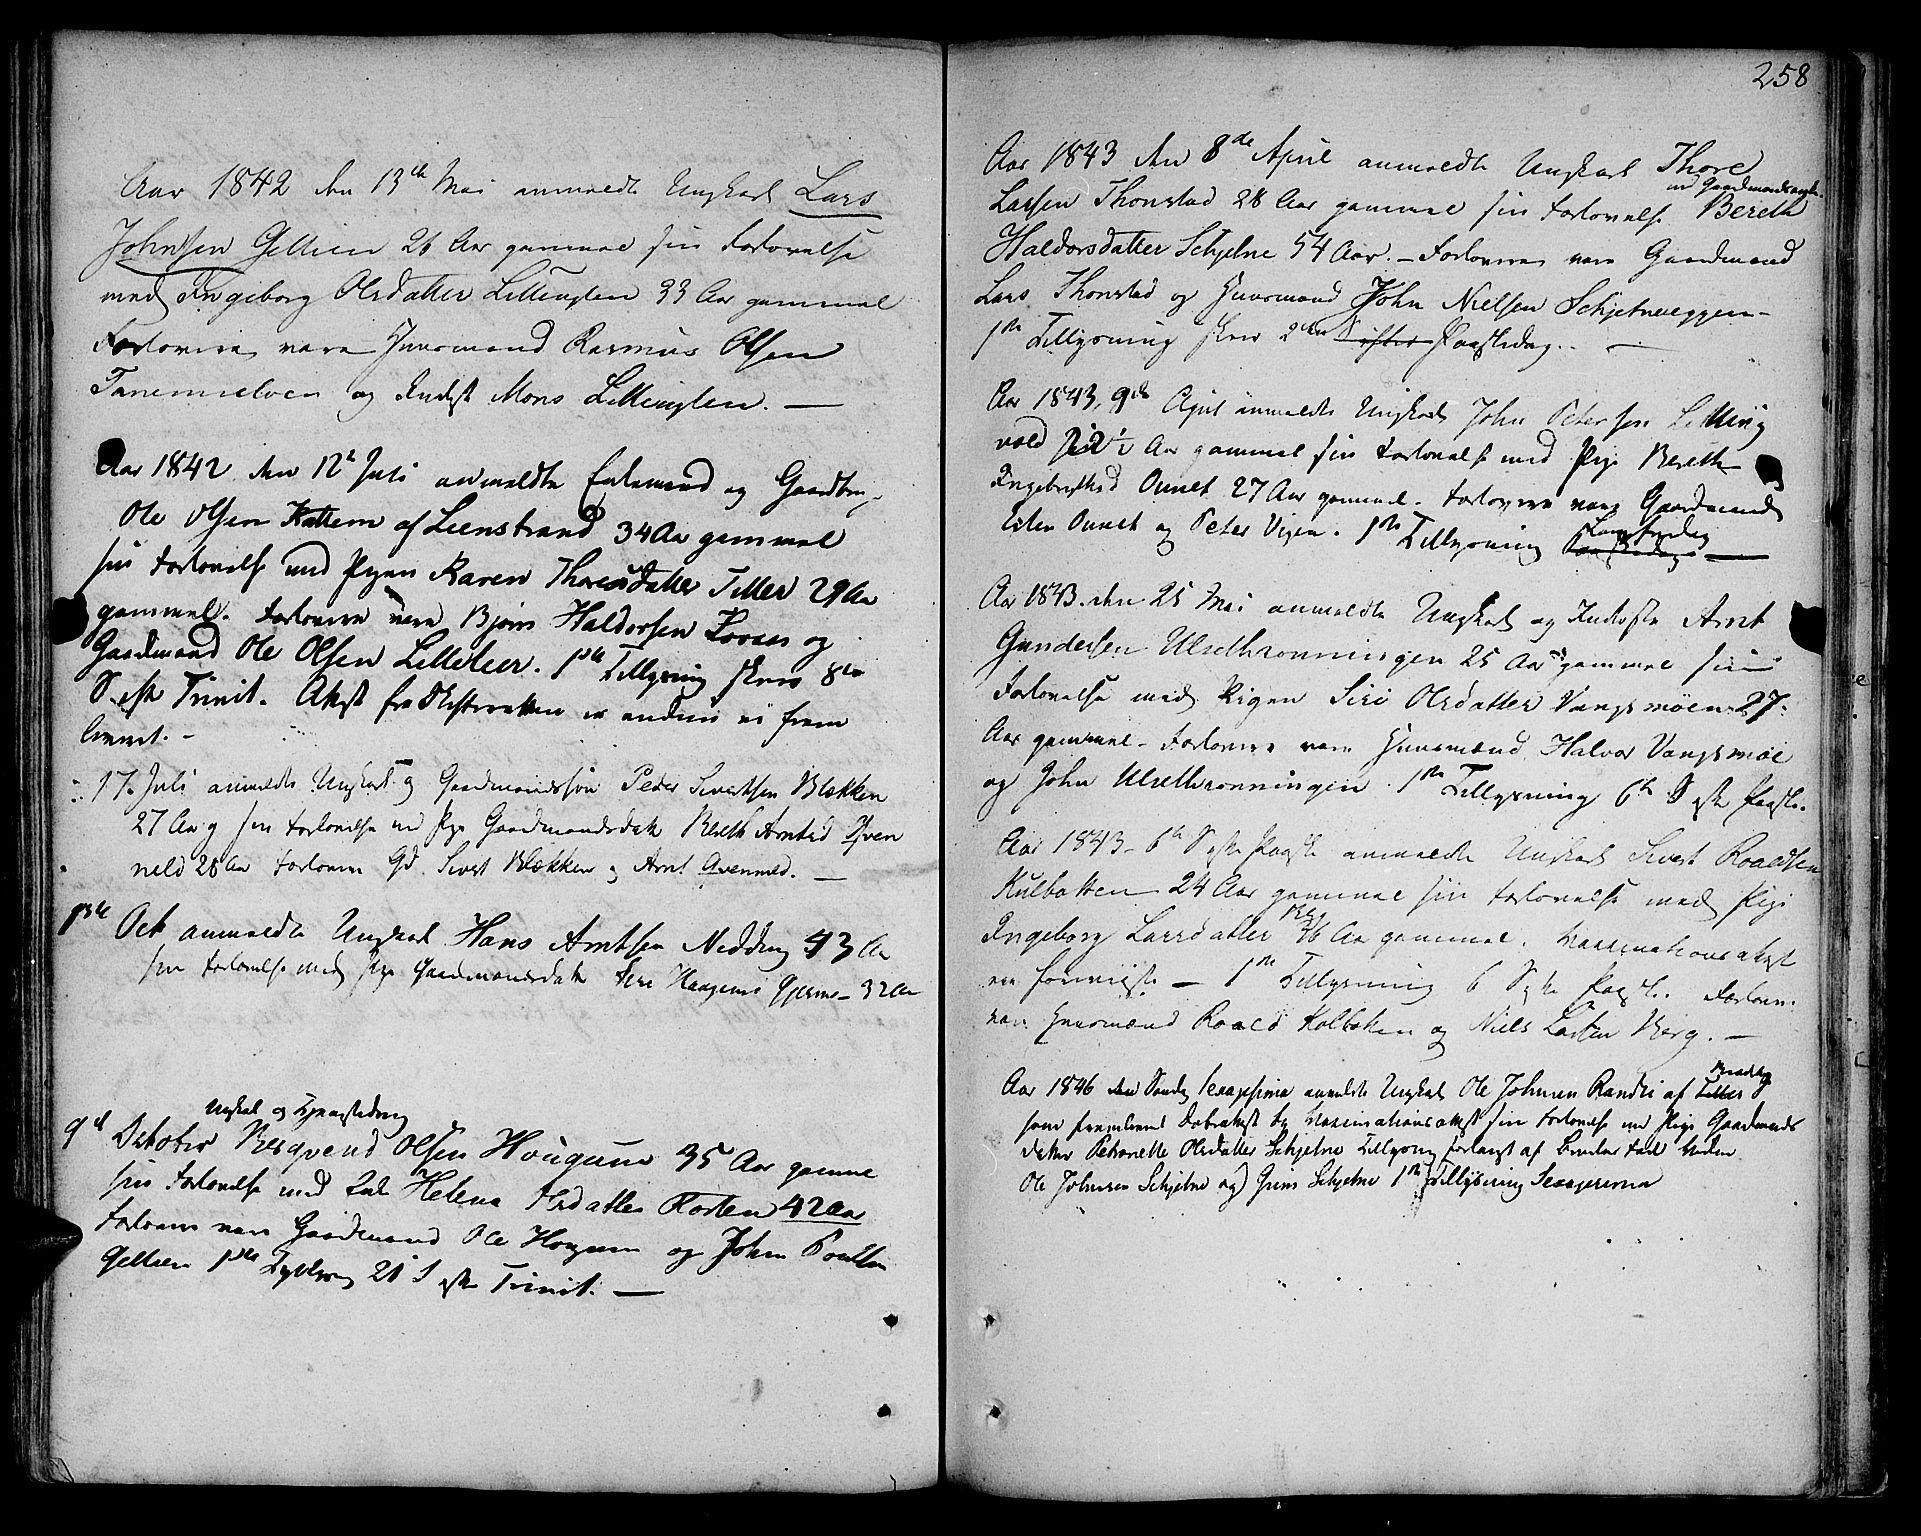 SAT, Ministerialprotokoller, klokkerbøker og fødselsregistre - Sør-Trøndelag, 618/L0438: Ministerialbok nr. 618A03, 1783-1815, s. 258